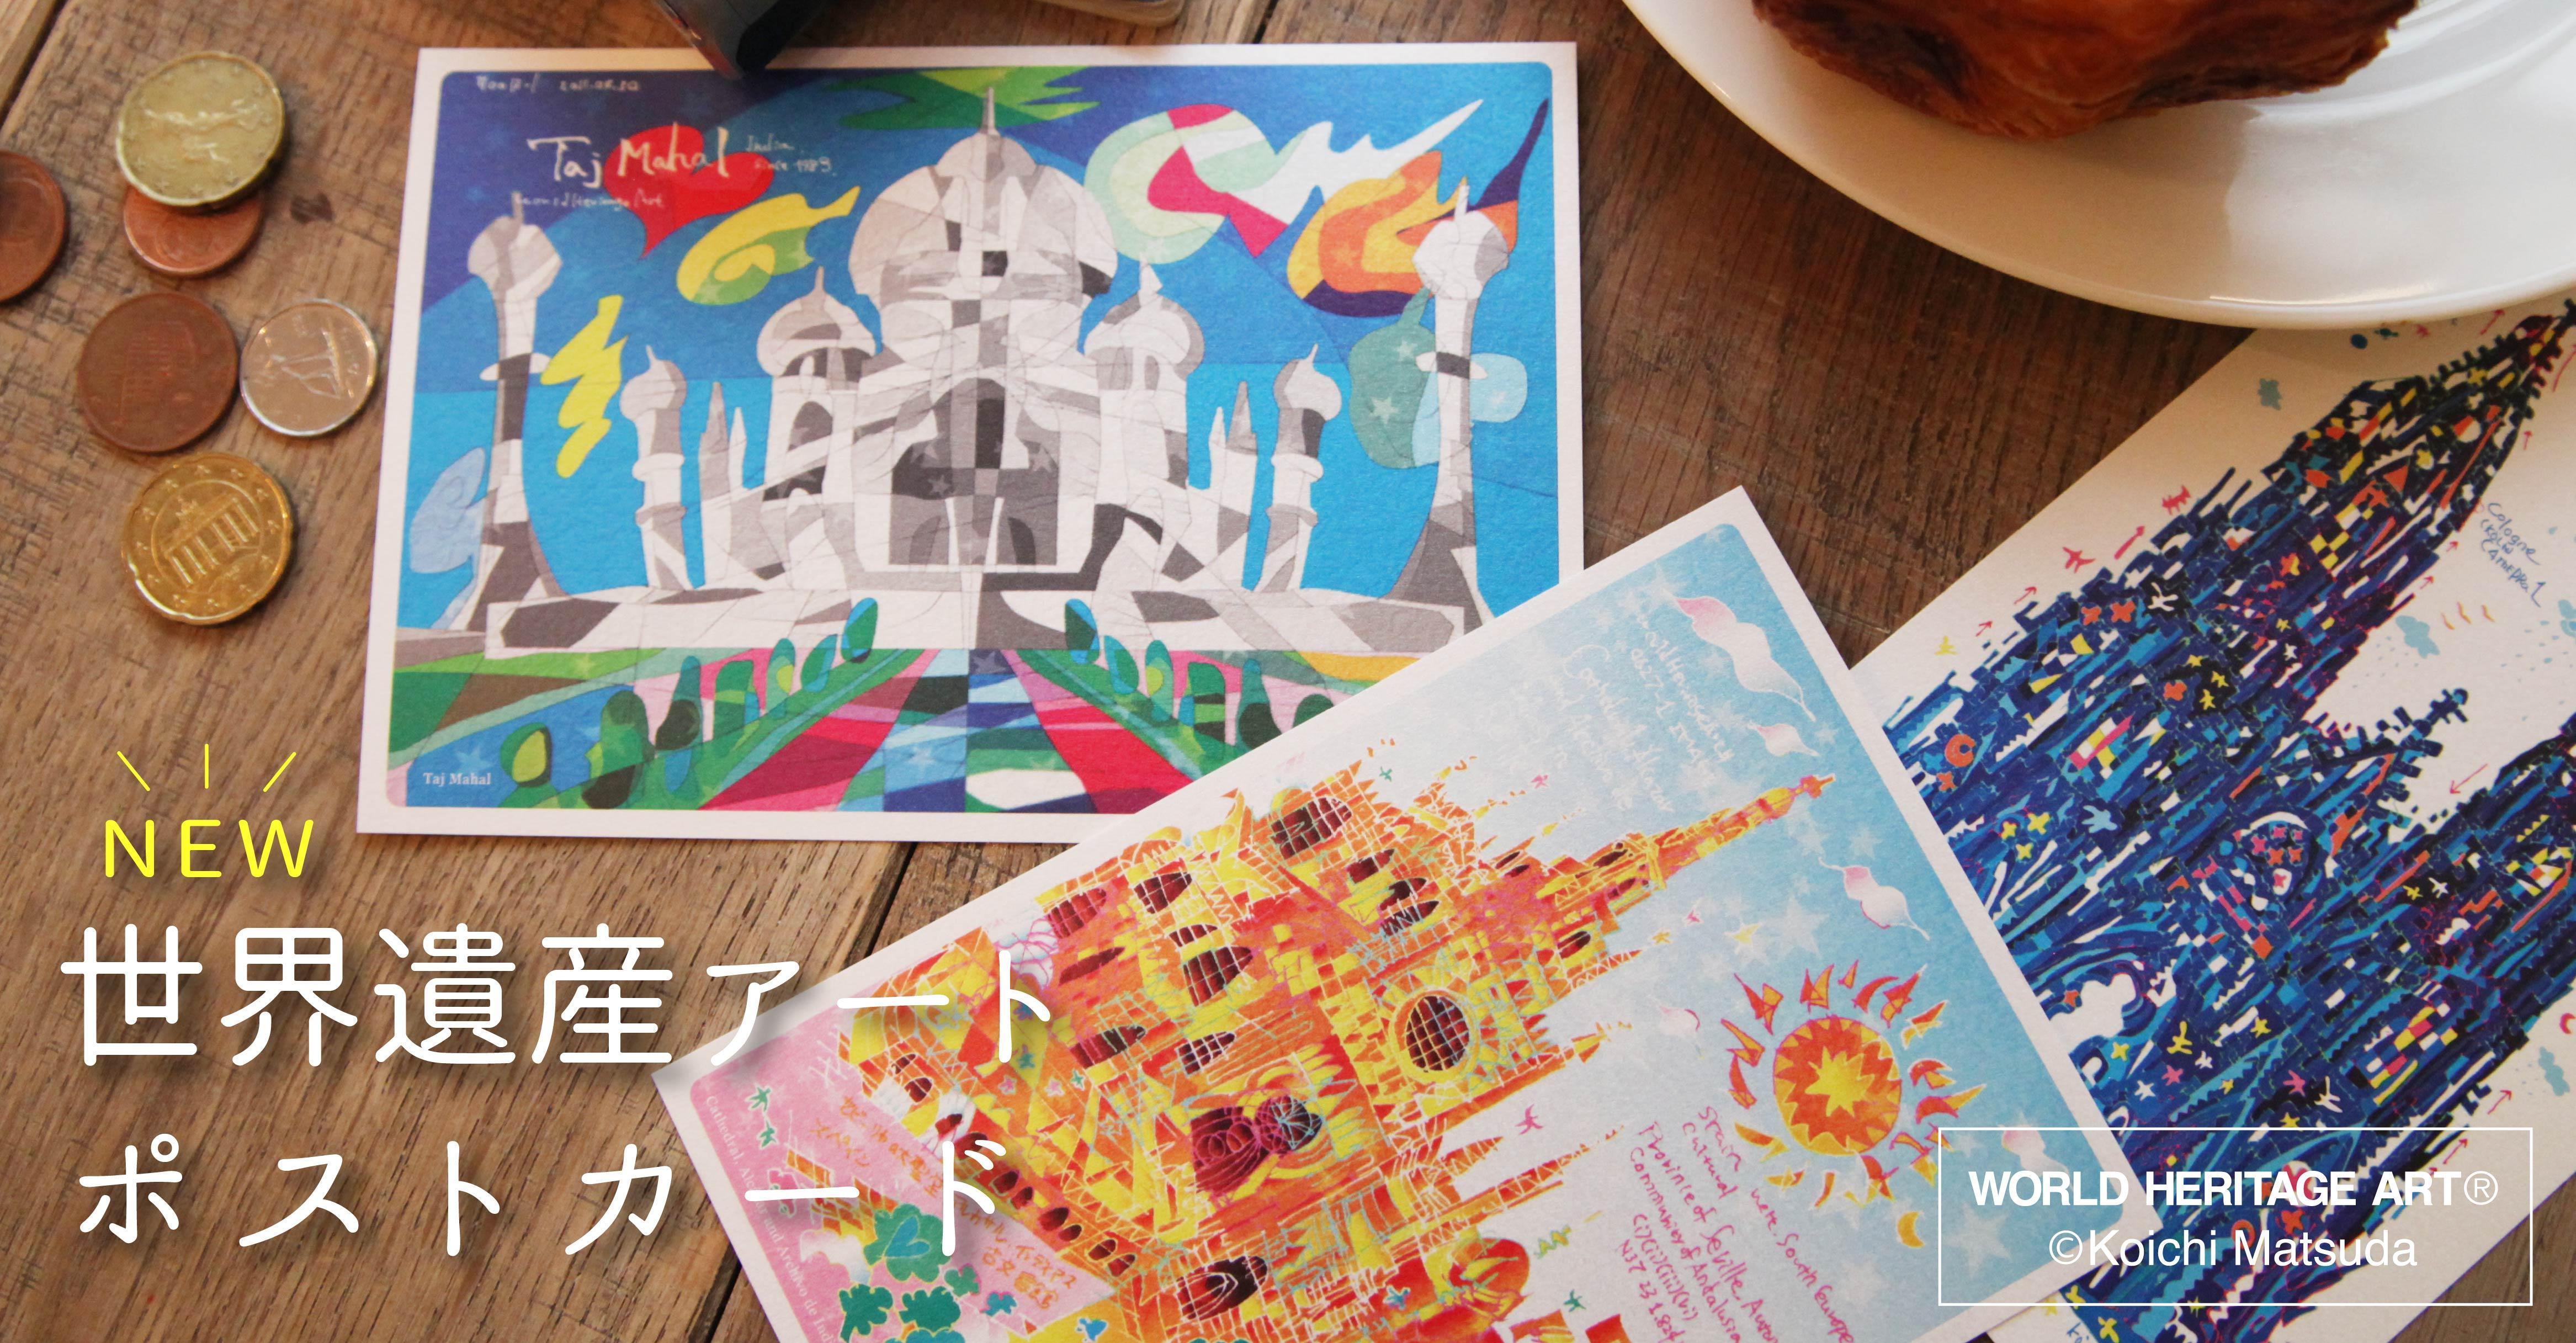 世界遺産アートポストカード2-01